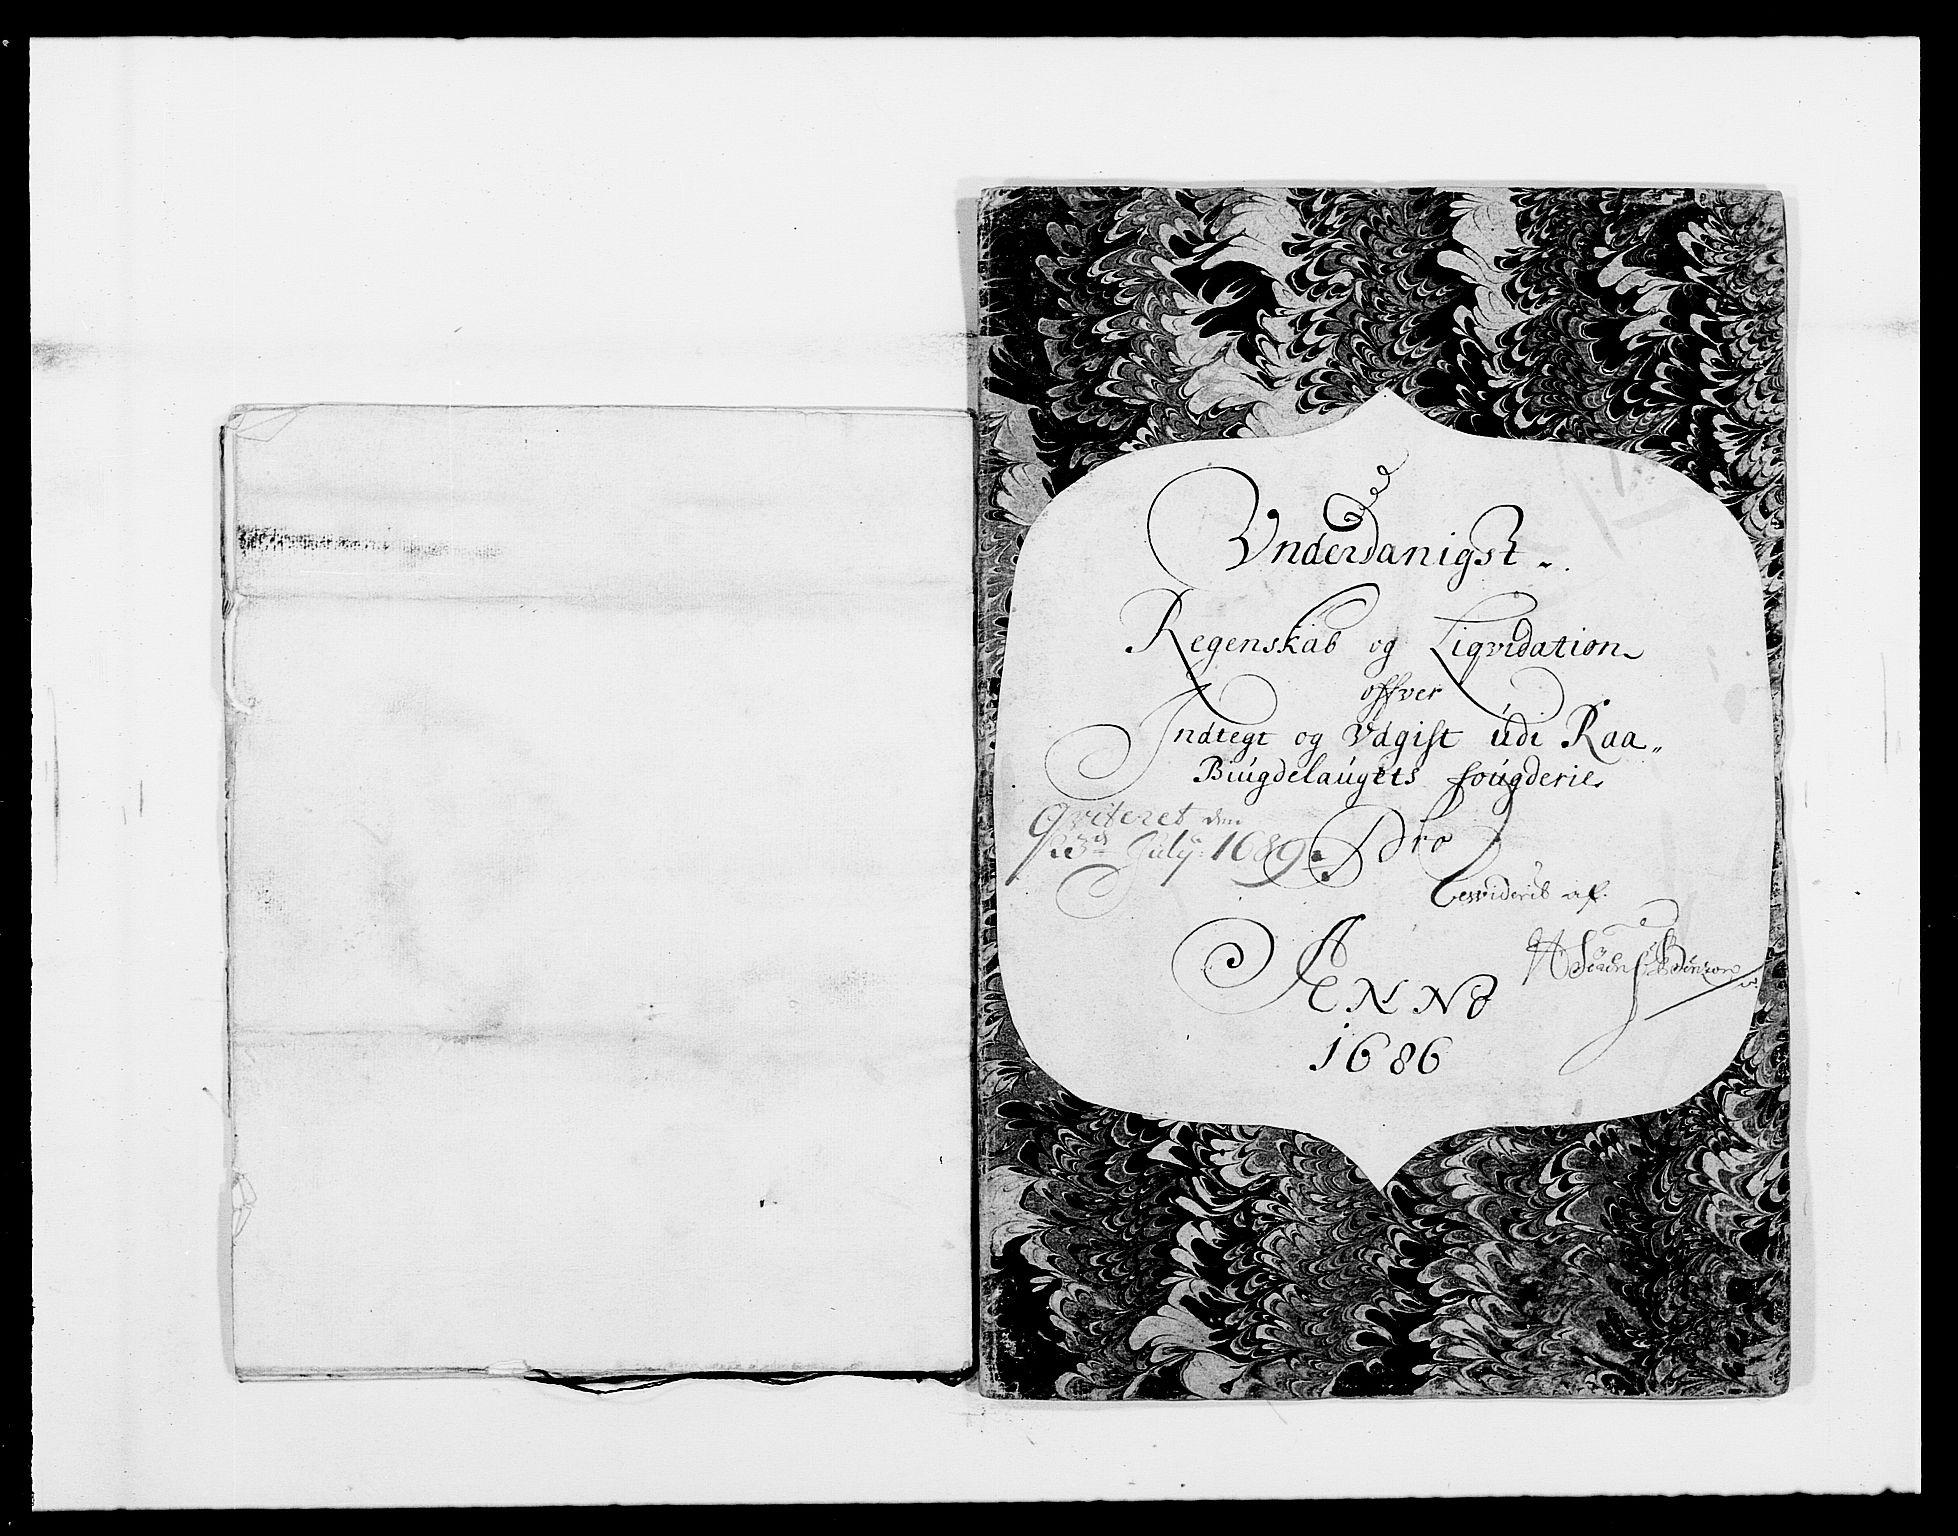 RA, Rentekammeret inntil 1814, Reviderte regnskaper, Fogderegnskap, R40/L2440: Fogderegnskap Råbyggelag, 1686-1687, s. 5